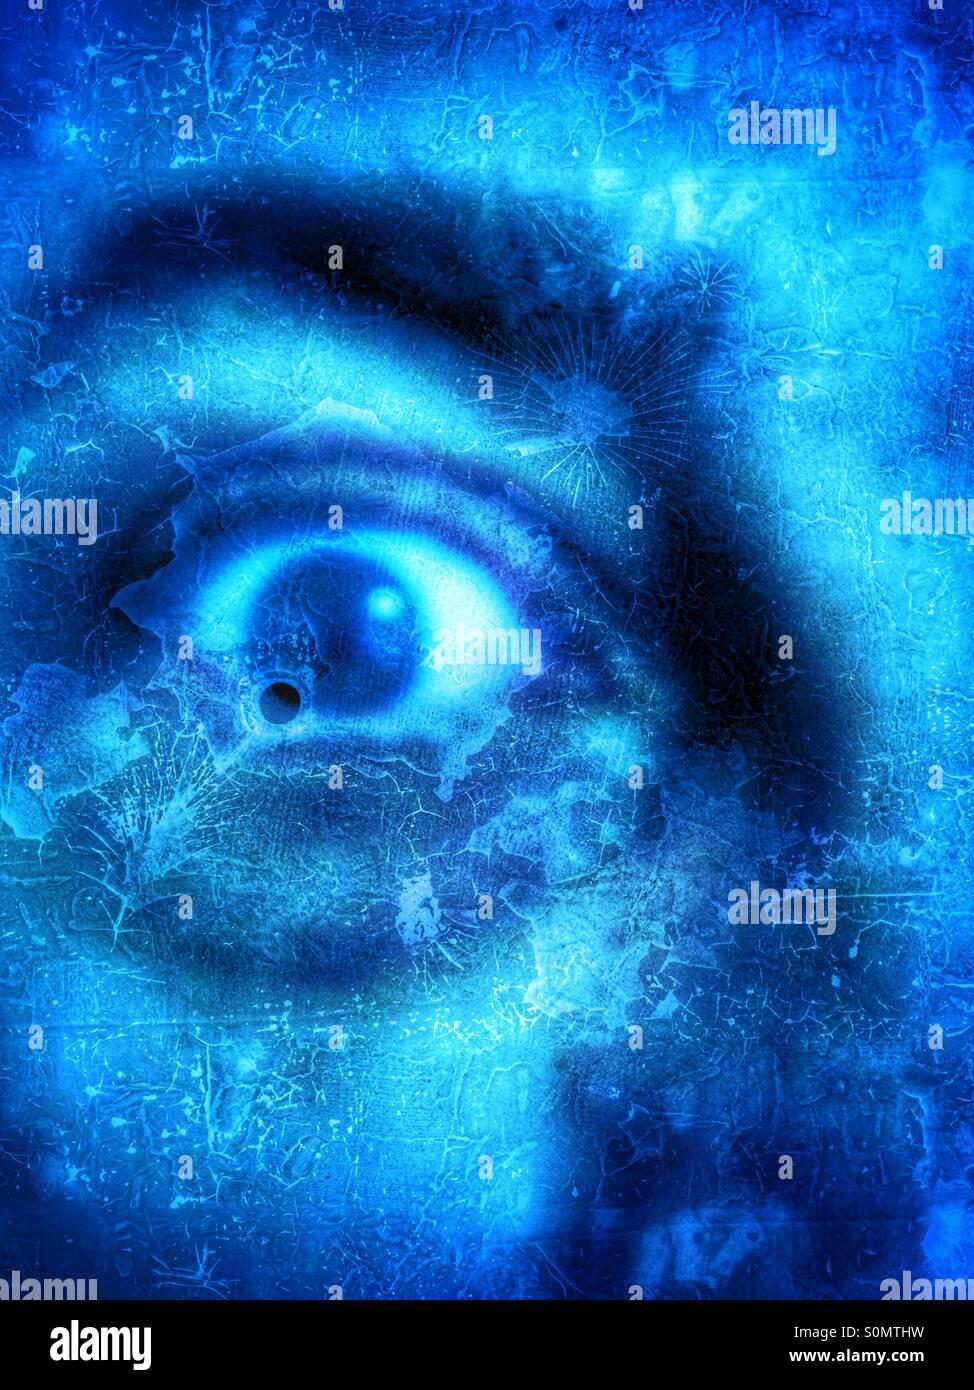 Nahaufnahme von einem Mann mit blauen Teint und grunge Effekt, Angst Konzept. Stockbild